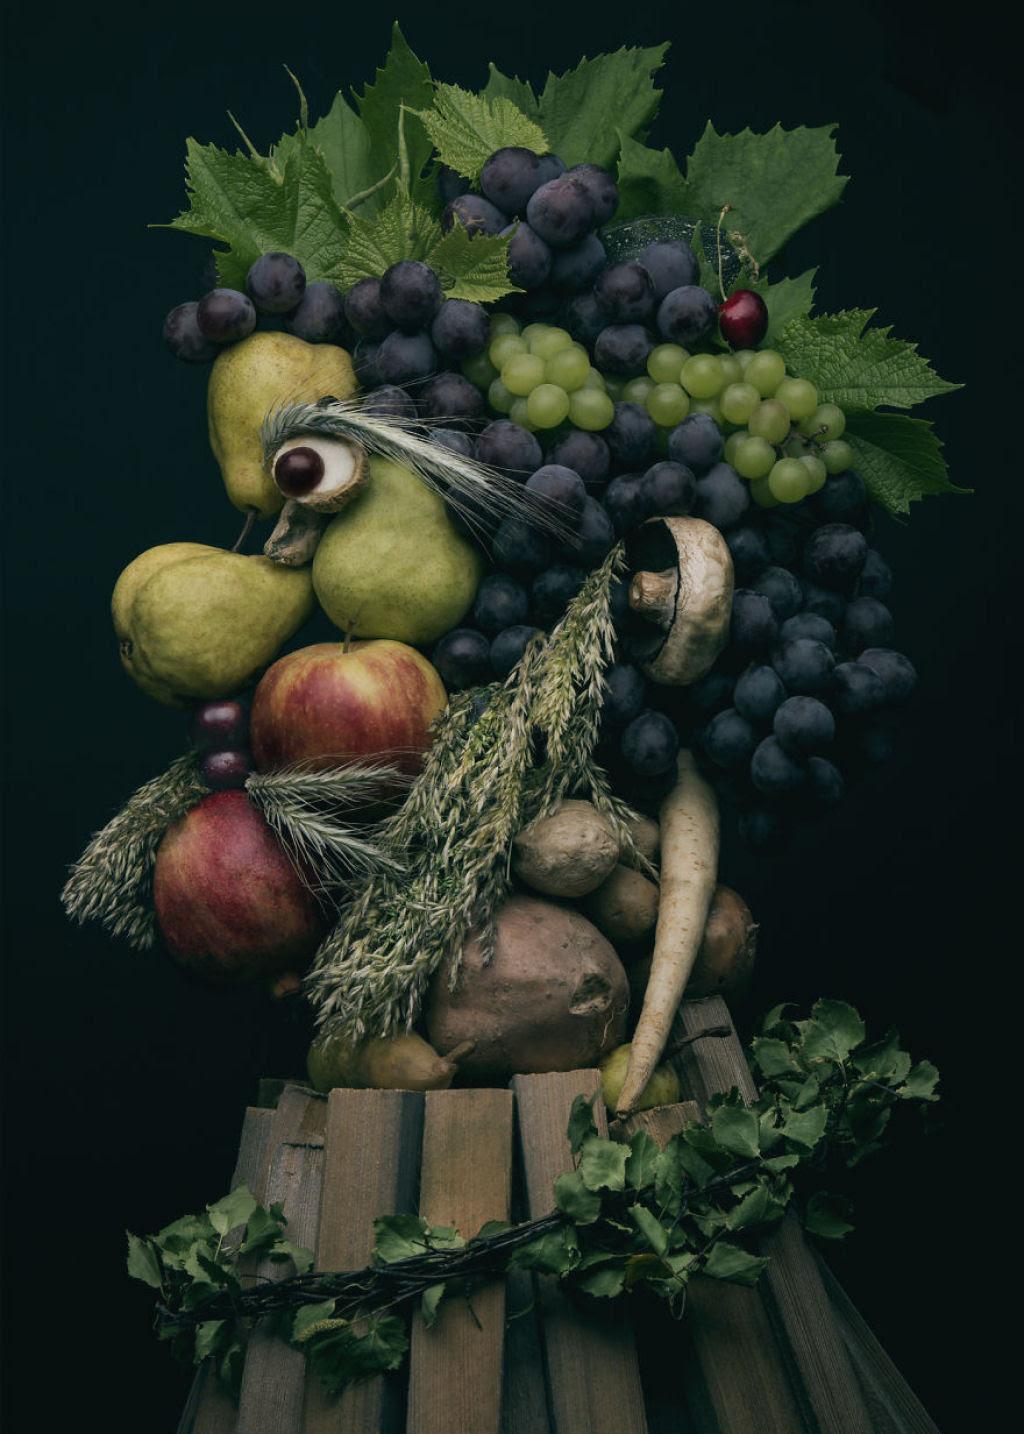 Artista polonesa cria uma incrível coleção inspirada na arte de Giuseppe Arcimboldo 08